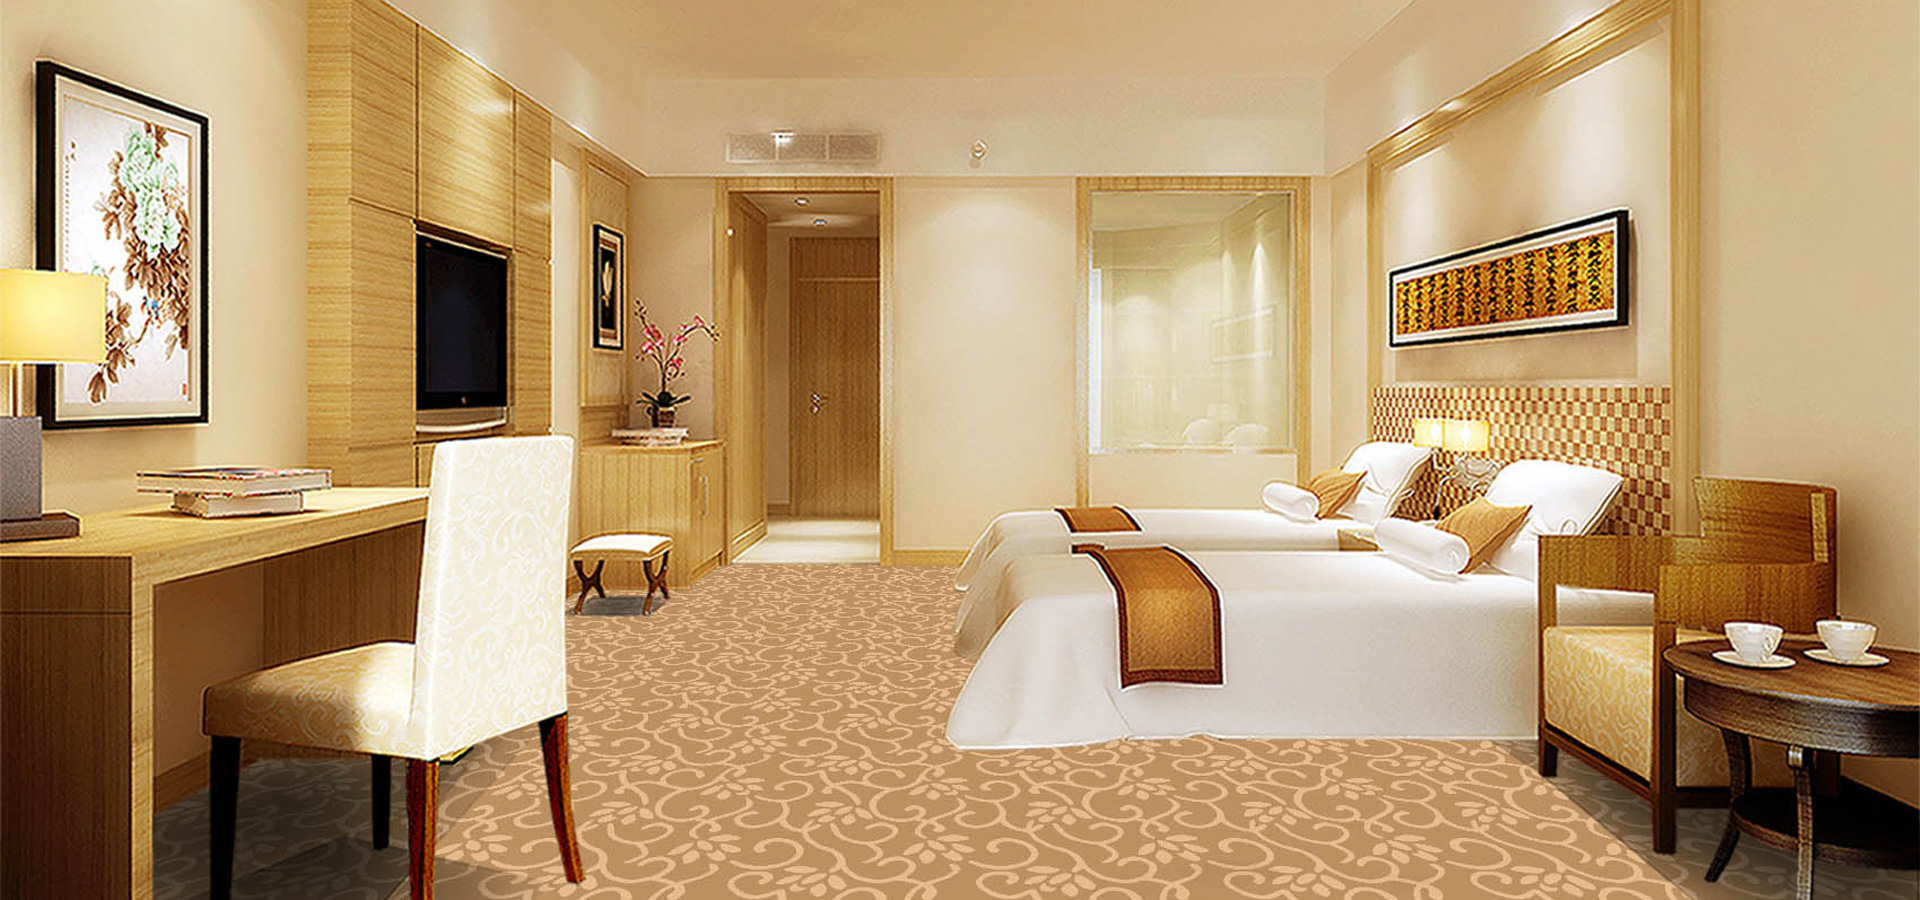 主要承接酒店会所工程地毯,办公商务方块地毯,别墅大宅家具手工地毯